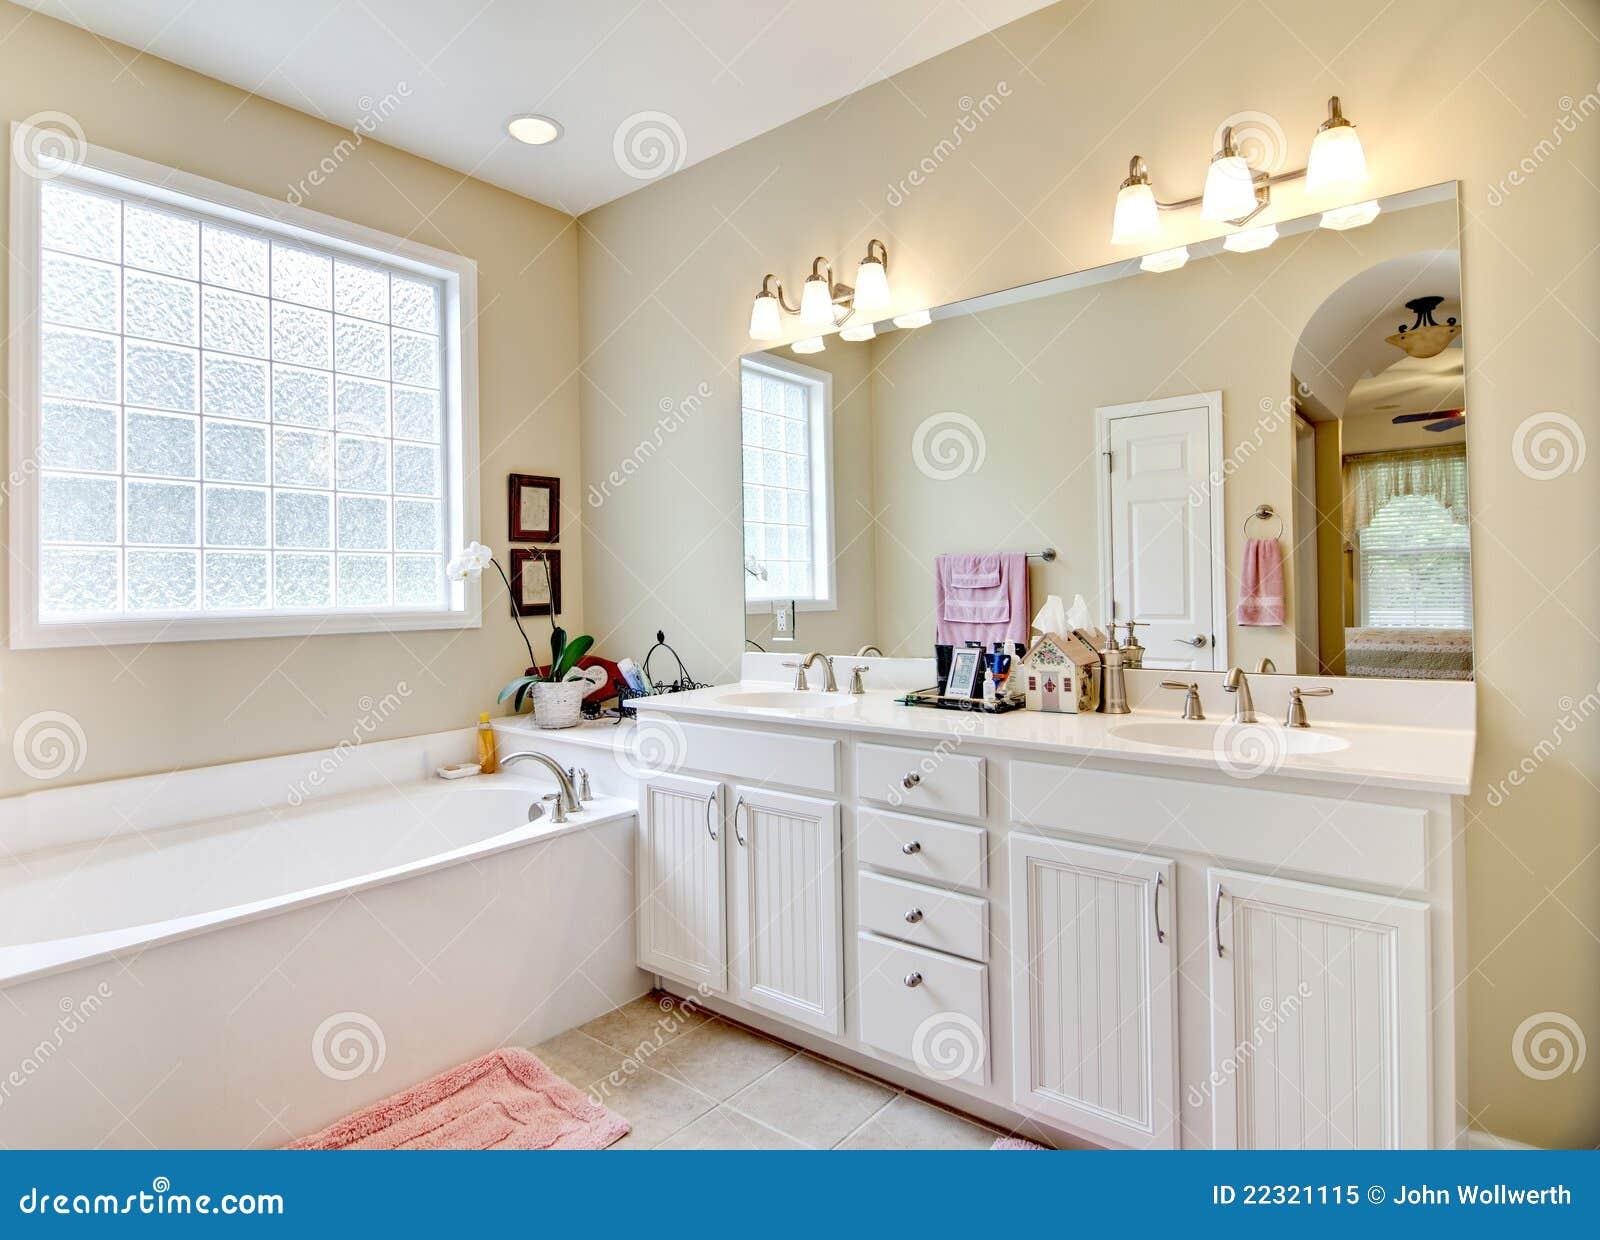 Banheiro Simples Elegante Foto de Stock Royalty Free  Imagem 22321115 -> Banheiros Simples E Elegantes